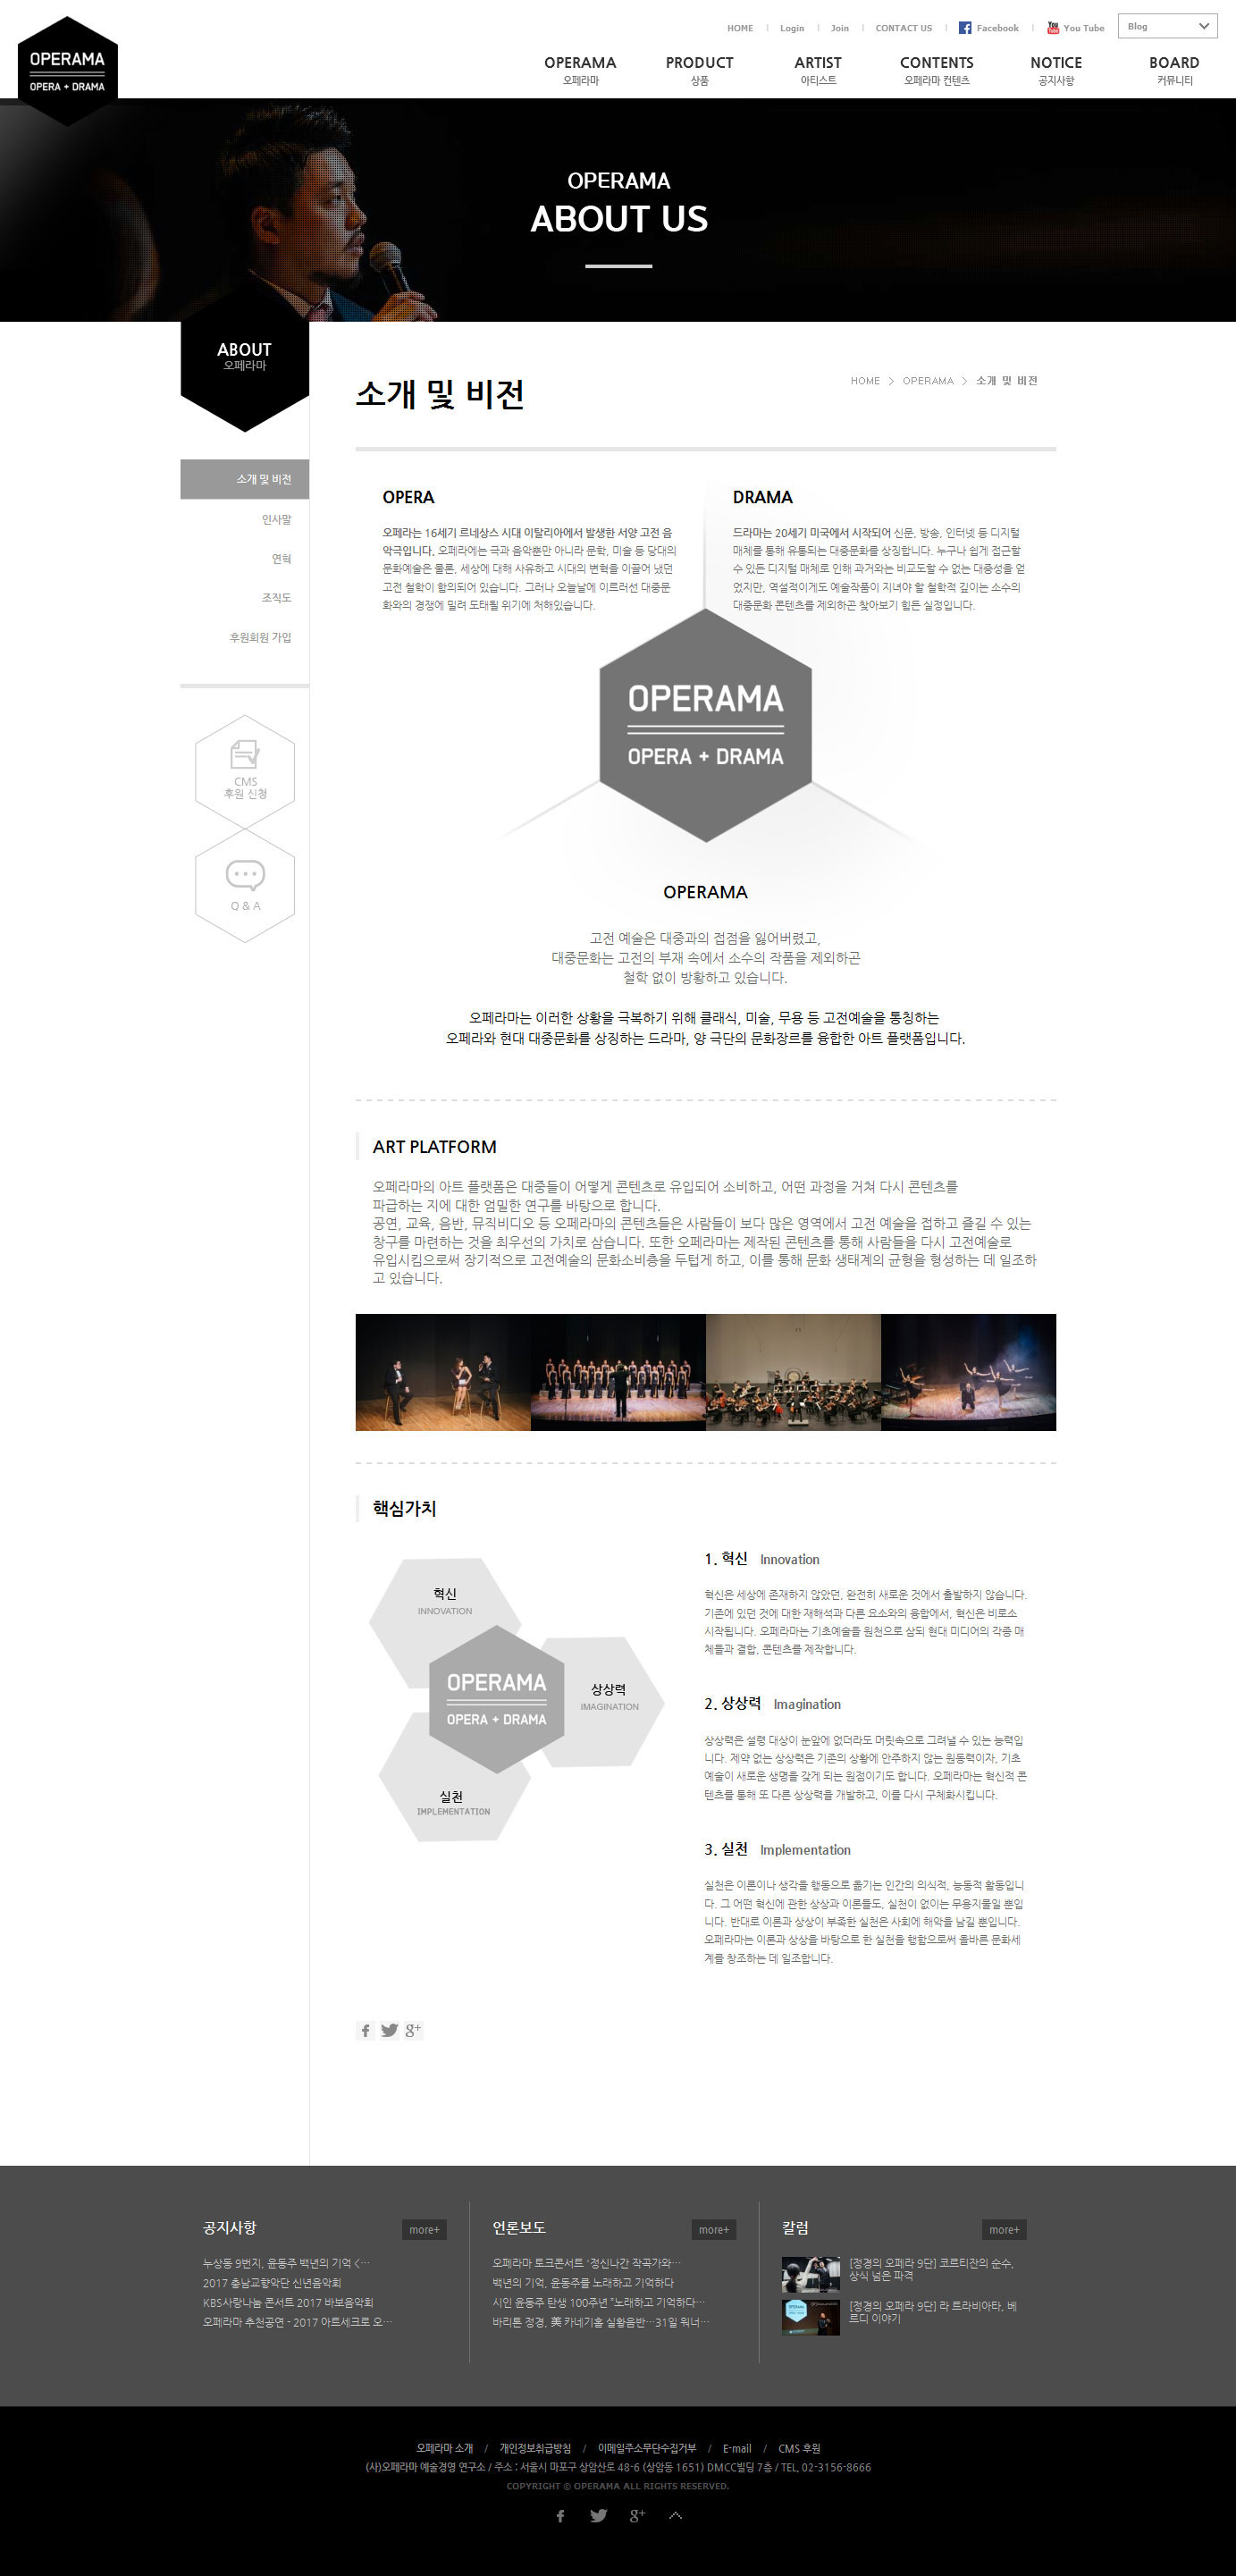 오페라마 웹사이트 리뉴얼